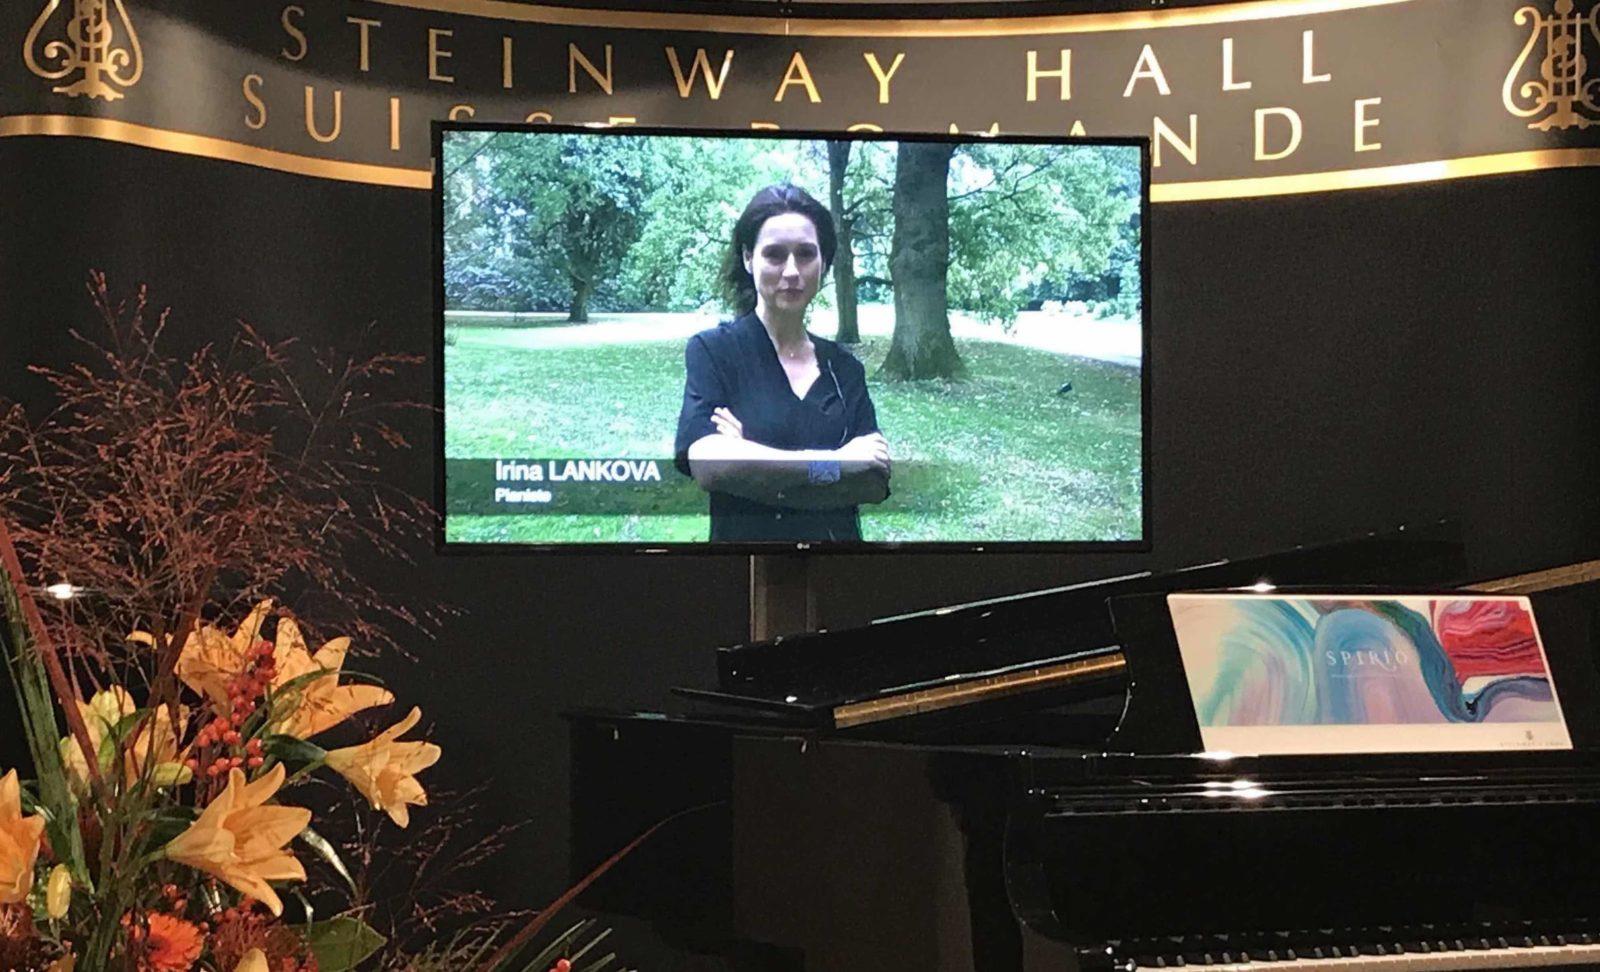 20ème anniversaire Steinway Hall Suisse Romande Irina Lankova